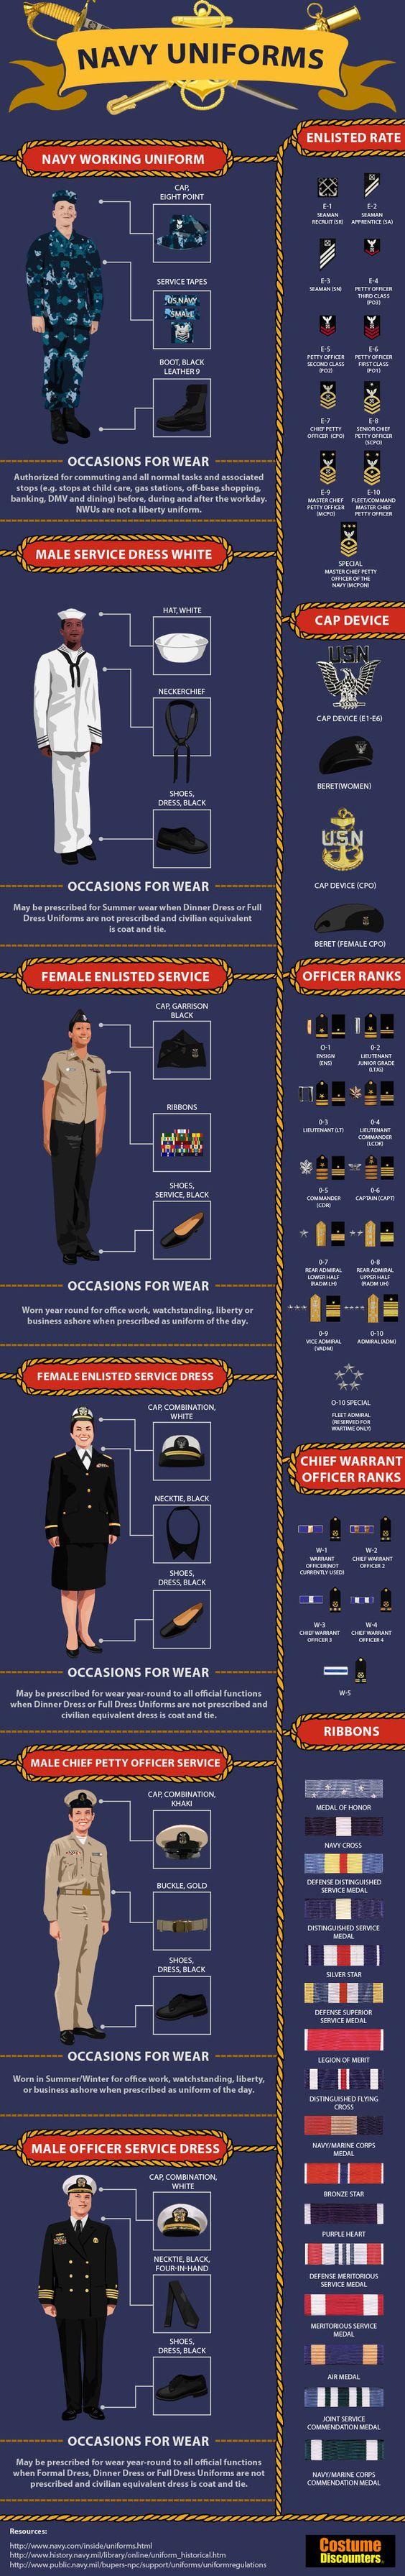 US Navy Uniform Infographic